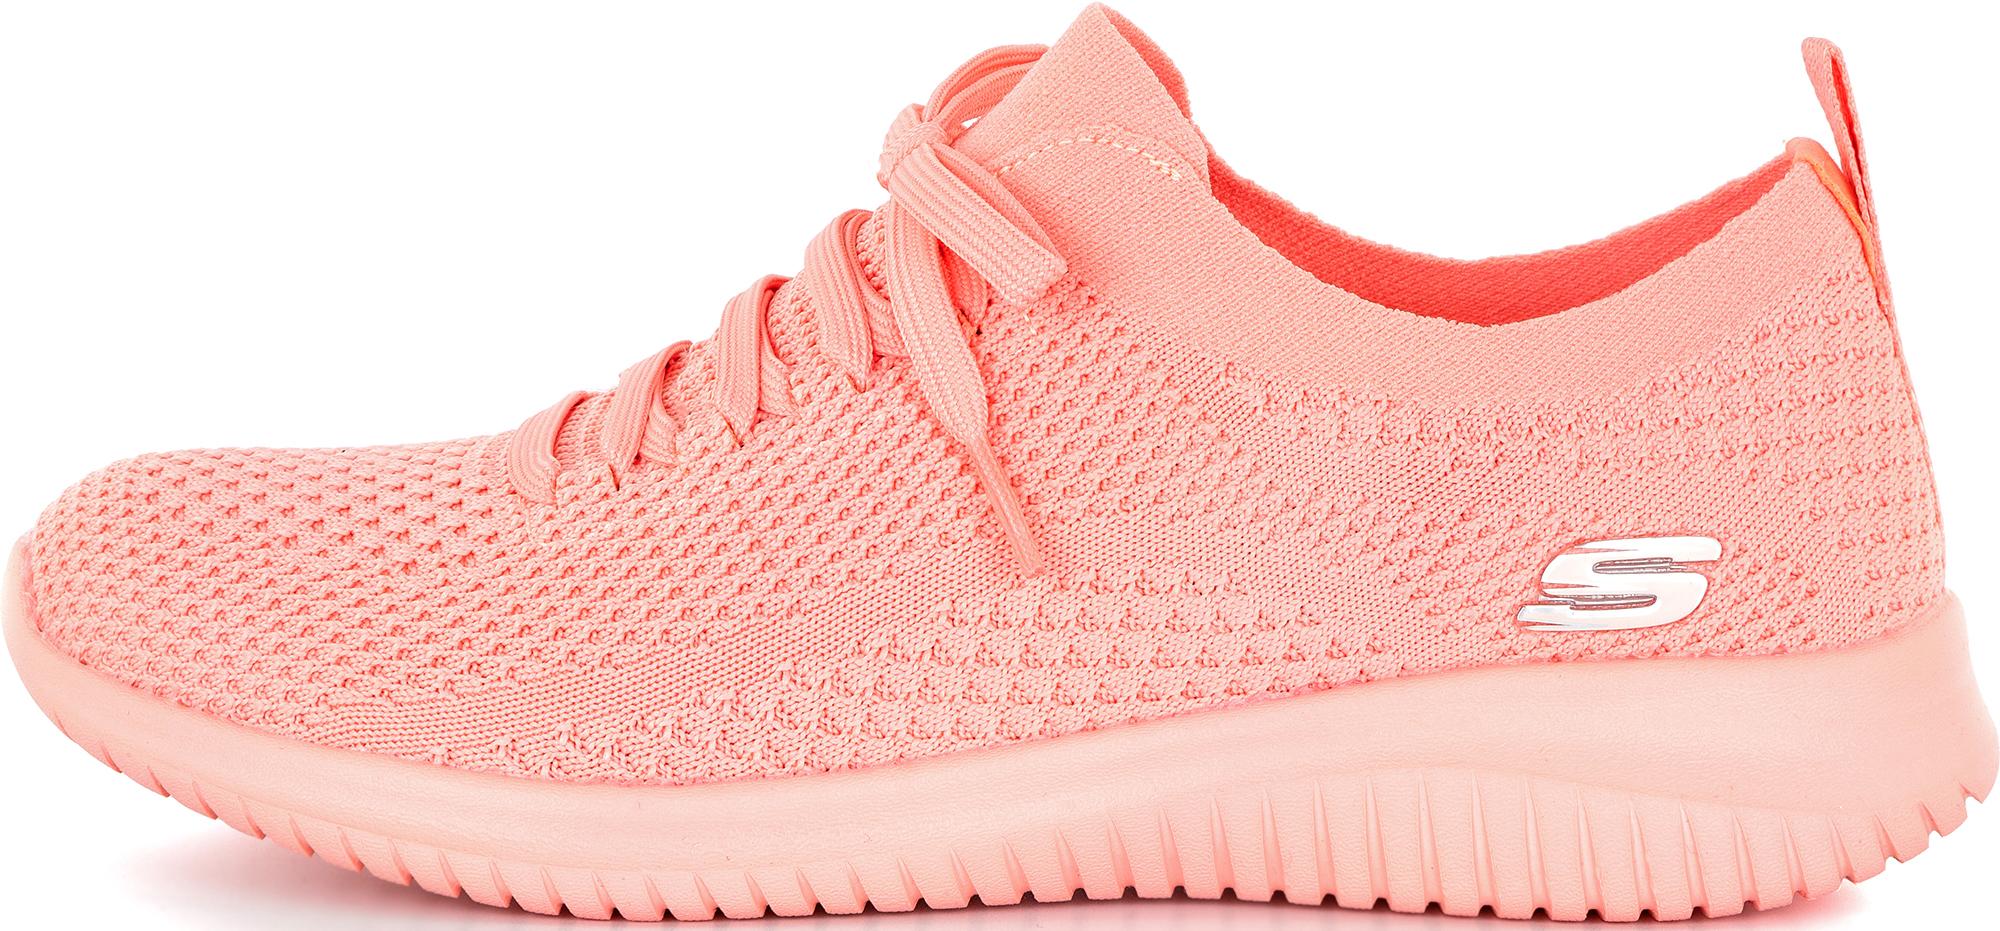 Skechers Кроссовки женские Skechers Ultra Flex-Pastel Party, размер 40 skechers women s ez flex 2 right on fashion sneaker